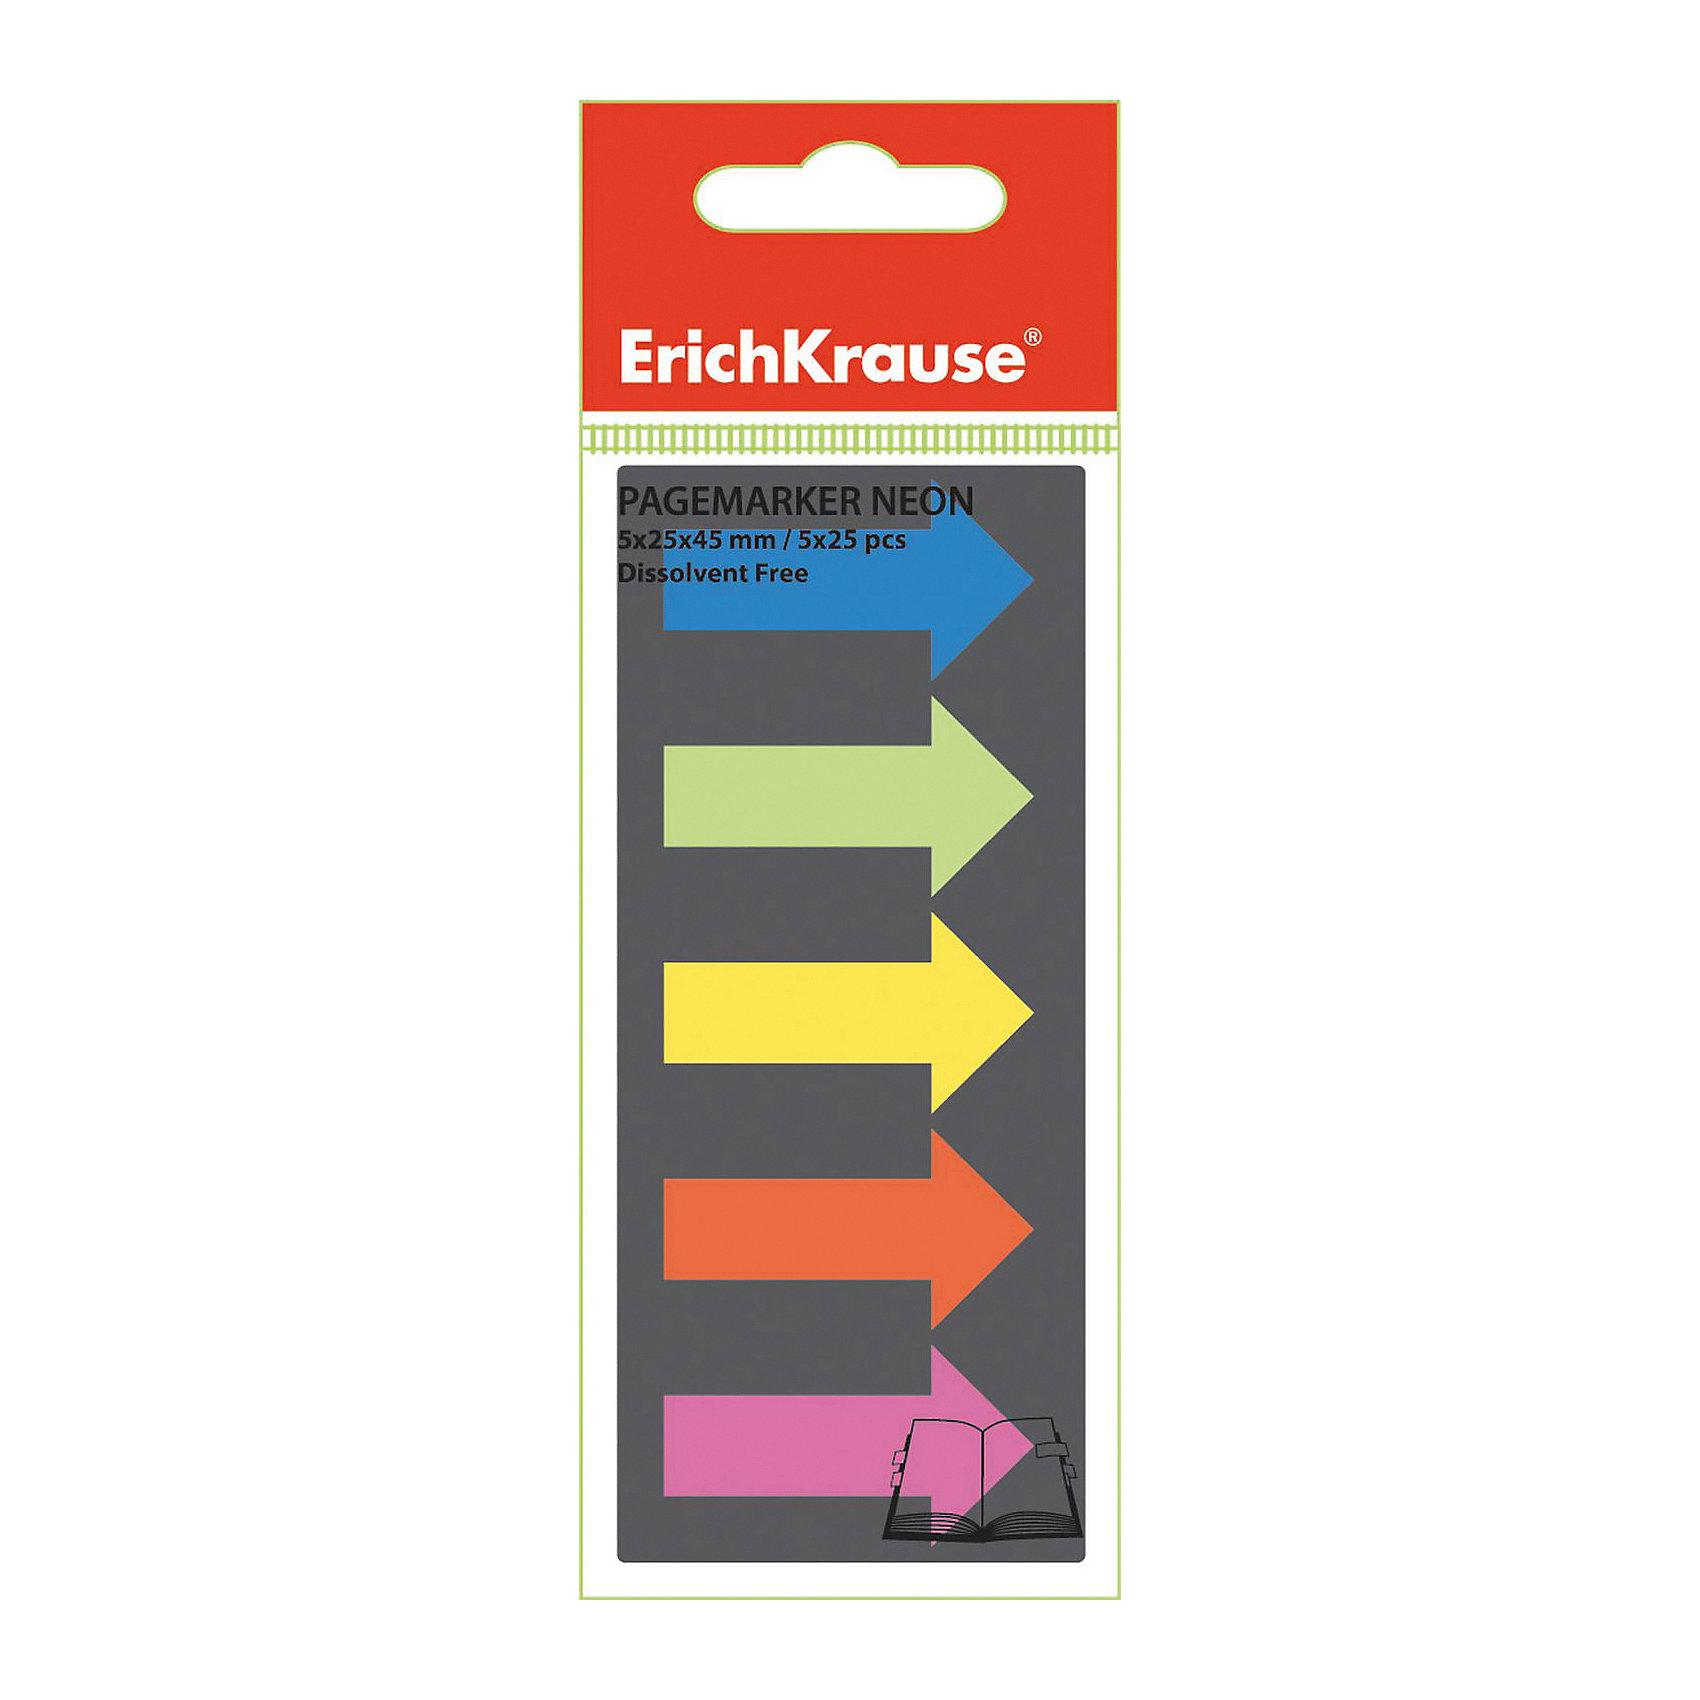 Erich Krause Пластиковые флажки с клеевым краем 5х25х45 неон СтрелкиБумажная продукция<br>Характеристики товара:<br><br>• в комплекте: флажки с клеевым краем;<br>• цвета: синий, салатовый, желтый, оранжевый, розовый;<br>• размер флажка: 2,5х4,5 см;<br>• материал: пластик;<br>• размер упаковки: 1,5х6х6 см;<br>• вес: 8 грамм.<br><br>Набор флажков «Стрелки» поможет выделить и сохранить нужную страницу или предложение. Клеевая сторона располагается на странице книги или блокнота и легко снимется, не оставляя следов. Флажки выполнены в ярких неоновых цветах.<br><br>Erich Krause (Эрих Краузе) Пластиковые флажки с клеевым краем 5х25х45 неон Стрелки можно купить в нашем интернет-магазине.<br><br>Ширина мм: 60<br>Глубина мм: 60<br>Высота мм: 15<br>Вес г: 7<br>Возраст от месяцев: 144<br>Возраст до месяцев: 2147483647<br>Пол: Унисекс<br>Возраст: Детский<br>SKU: 6878814